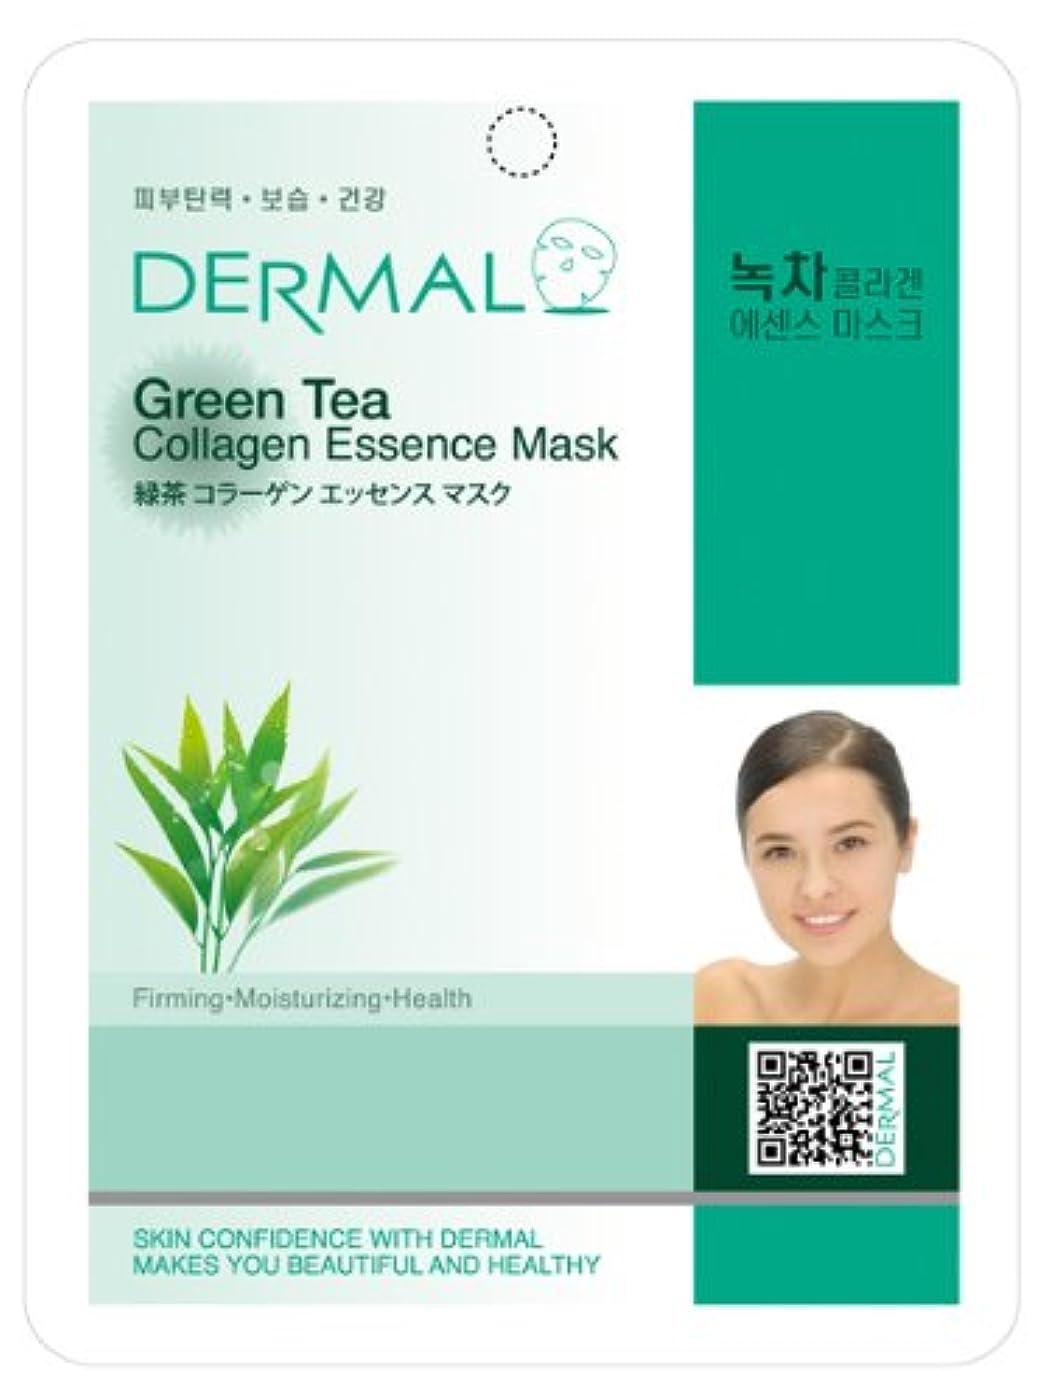 クモレインコートかかわらずシートマスク 緑茶 100枚セット ダーマル(Dermal) フェイス パック